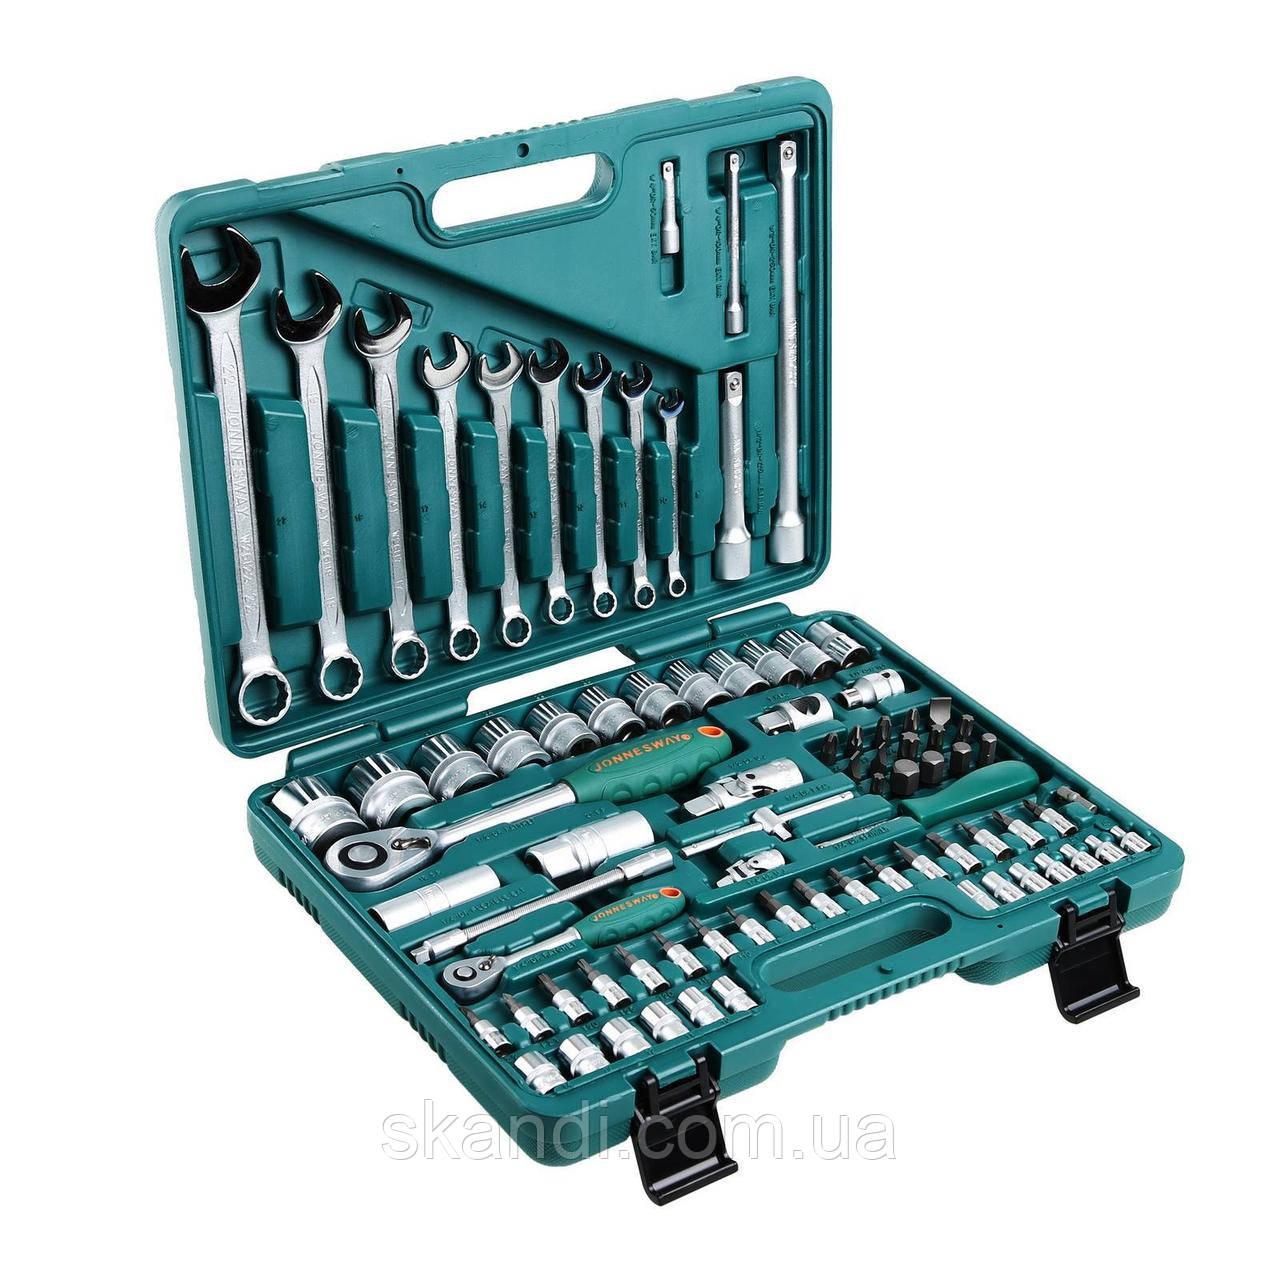 Набор инструментов Jonnesway 82 элем. 1/4-1/2 s04h52482s